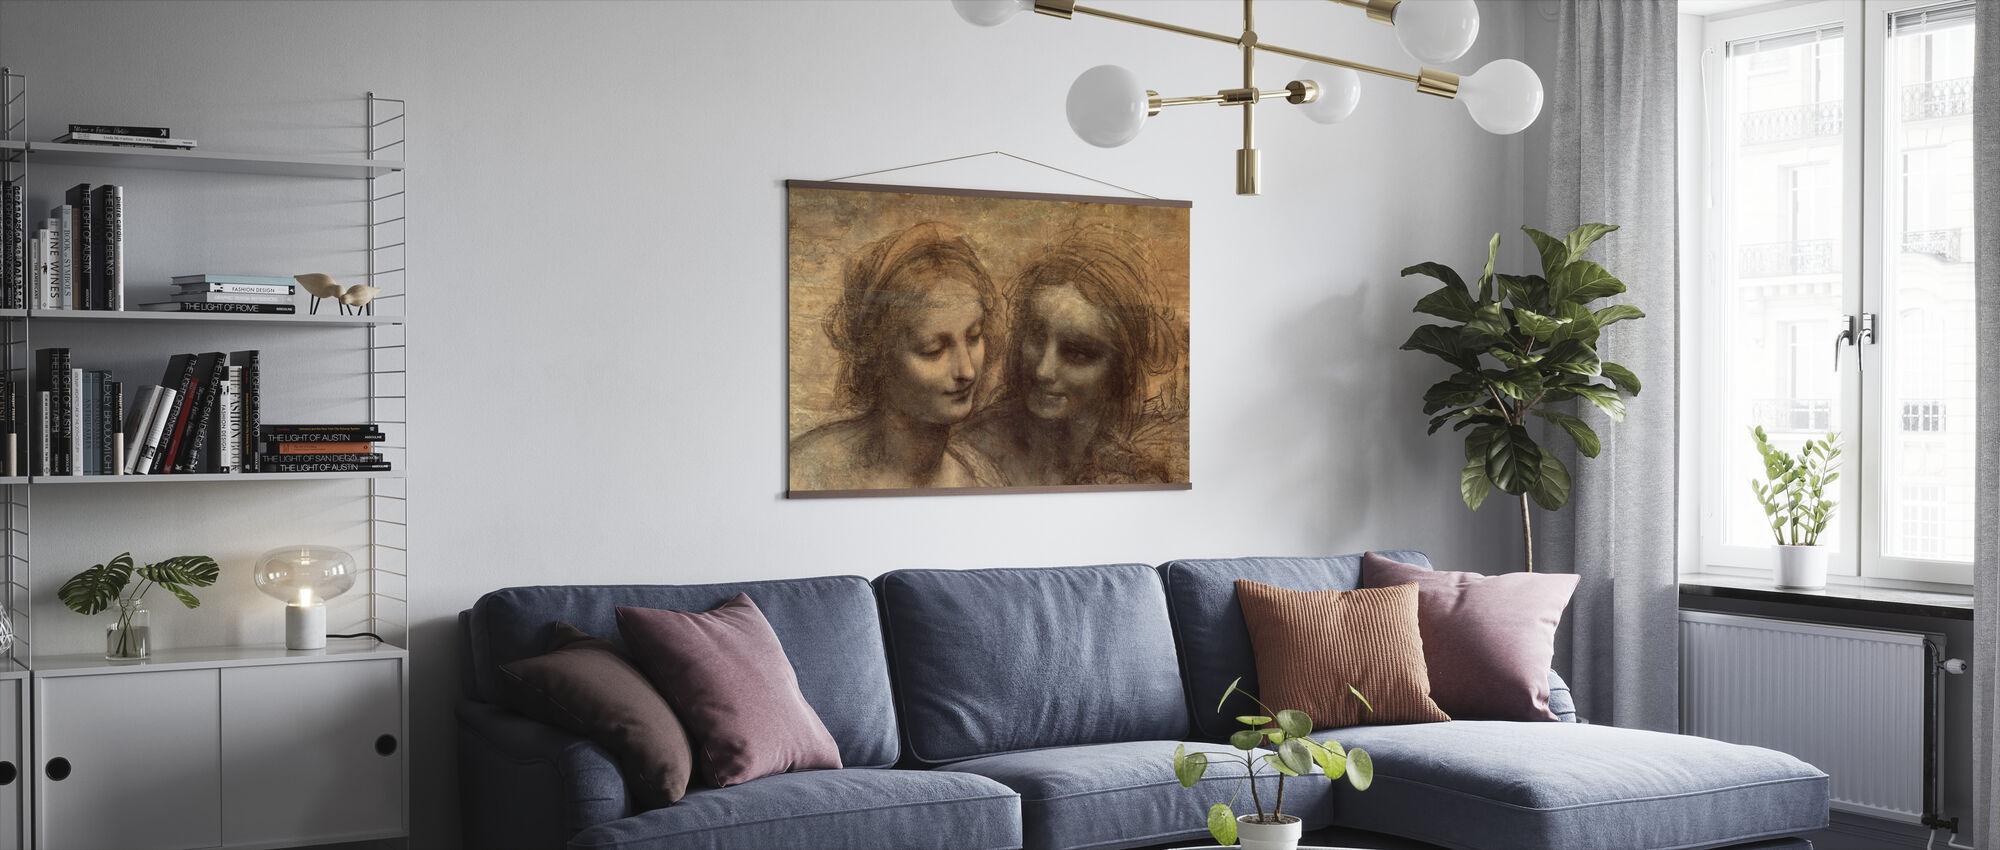 Virgin and Child - Leonardo da Vinci - Poster - Living Room